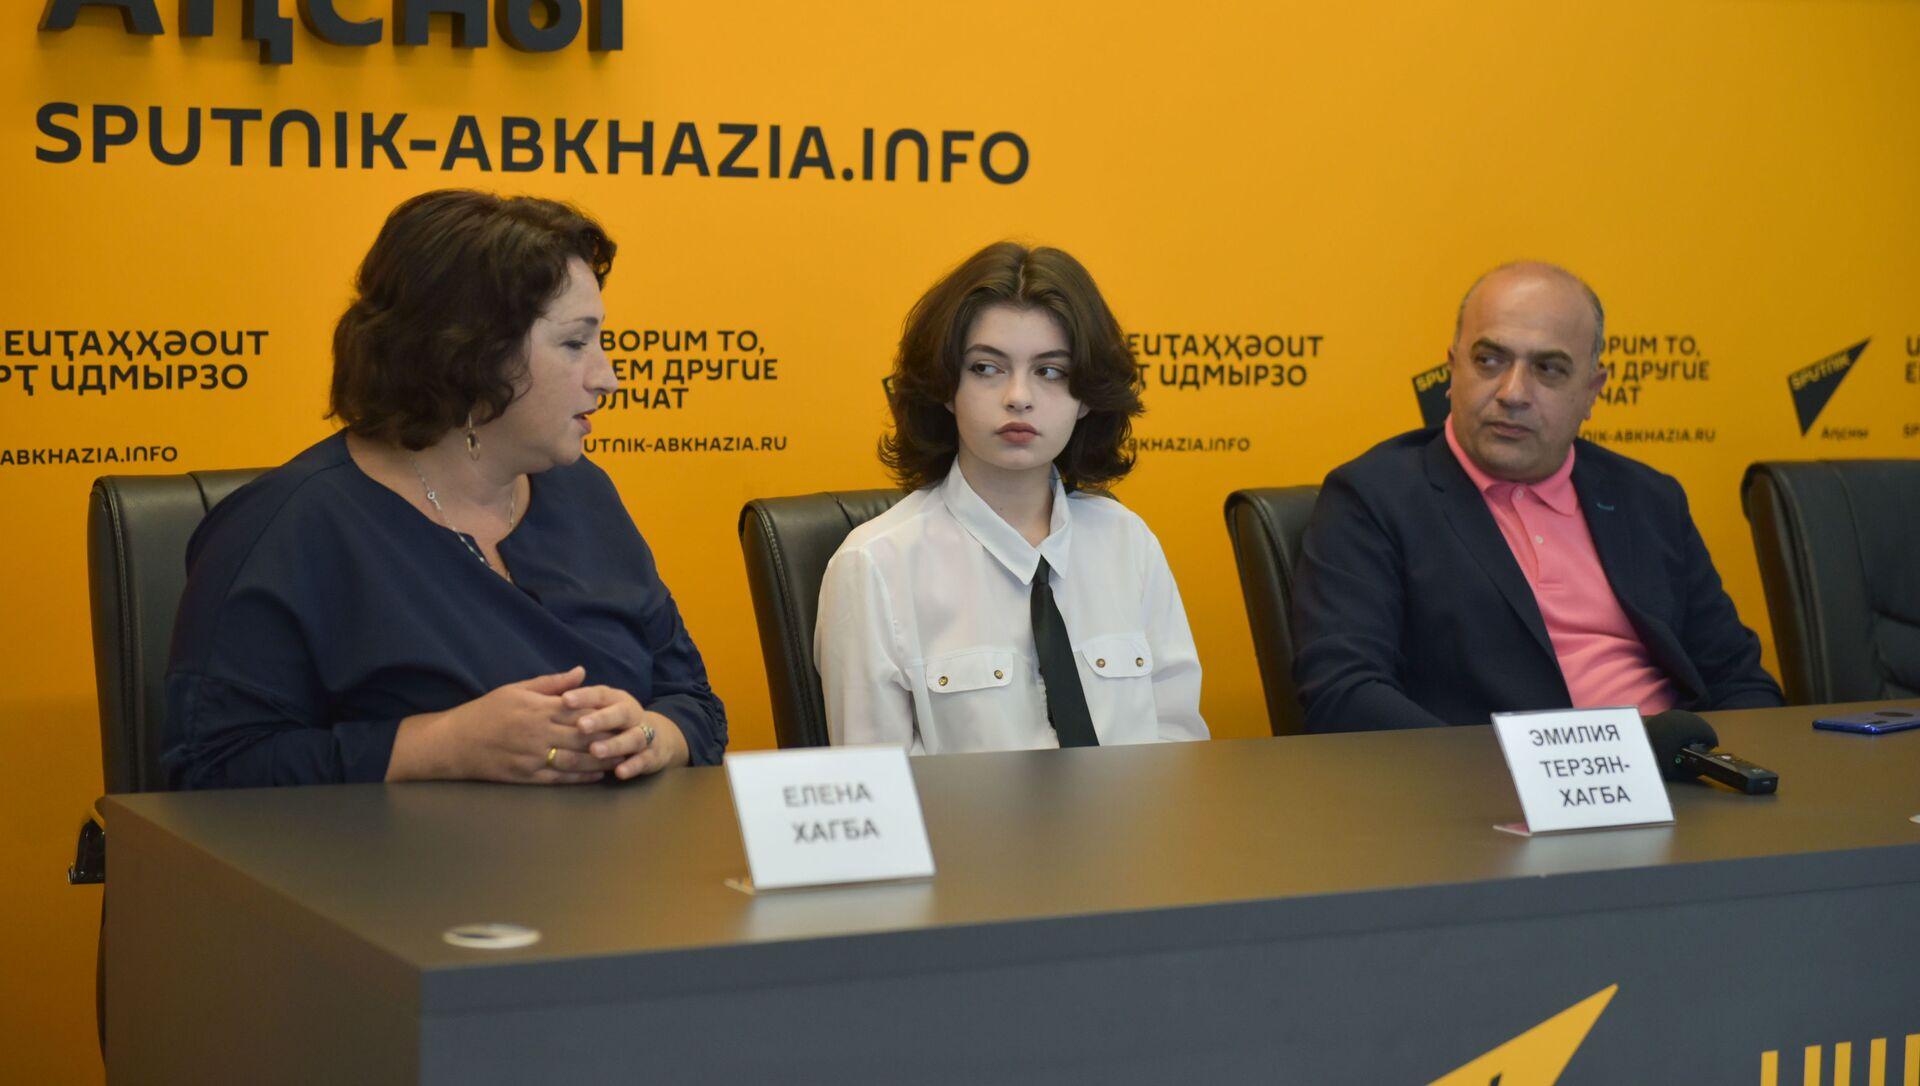 Эмилия Терзян-Хагба приняла участие в фестивале в Выборге - Sputnik Абхазия, 1920, 13.09.2021